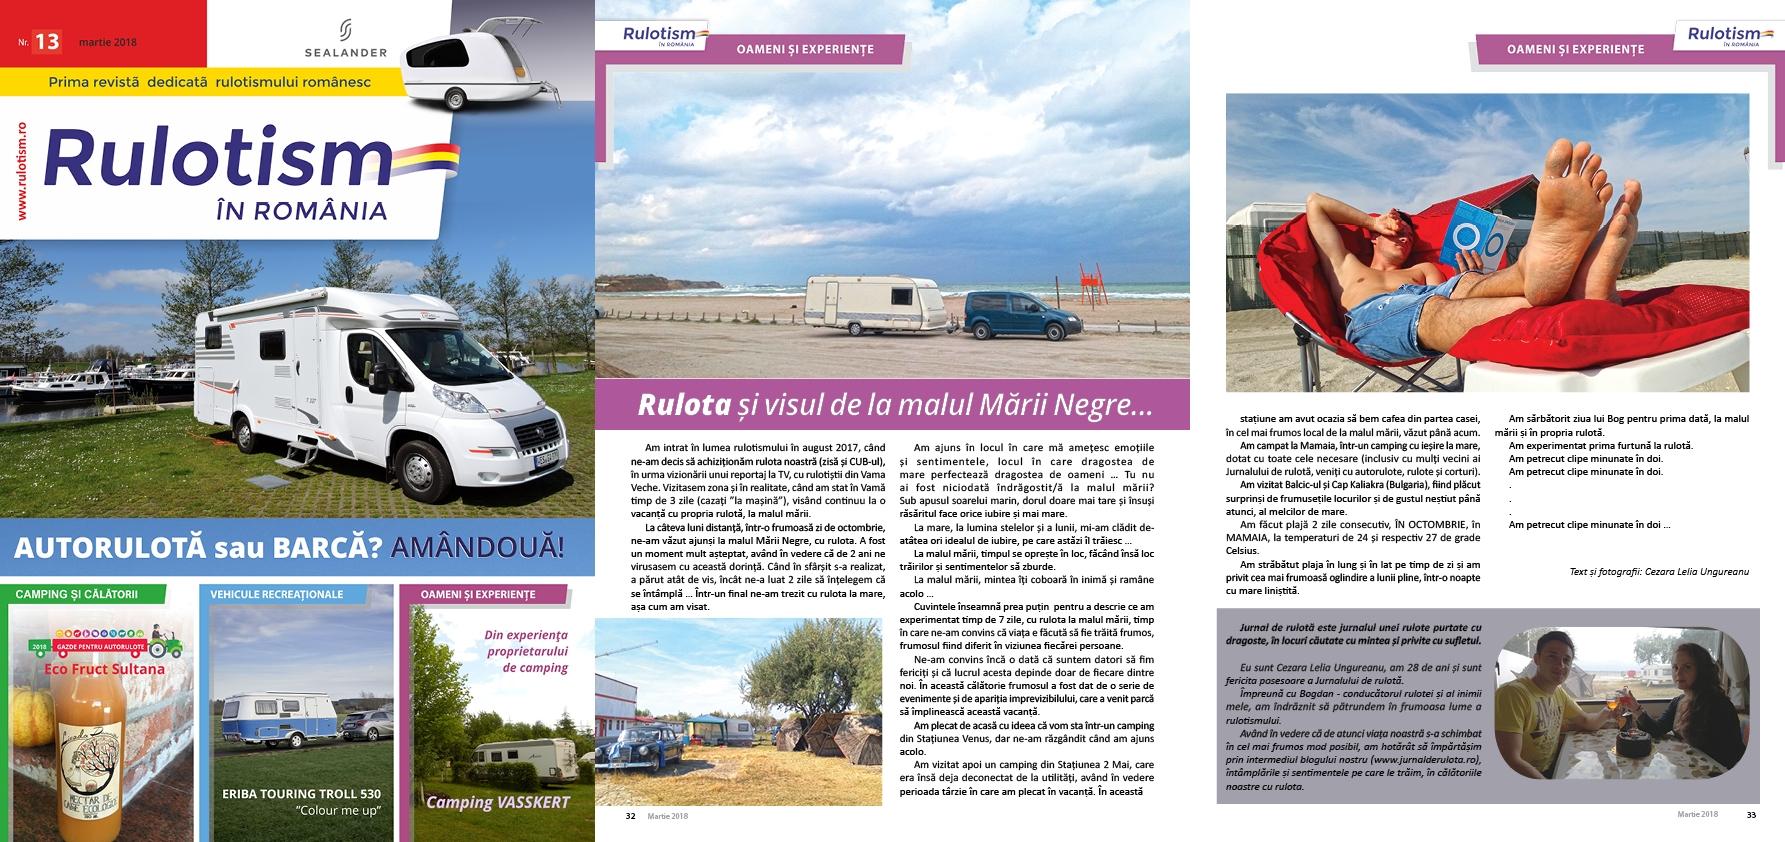 Articol din jurnal, publicat in revista Rulotism in Romania, dedicata Salonului Nautic Bucuresti 2018